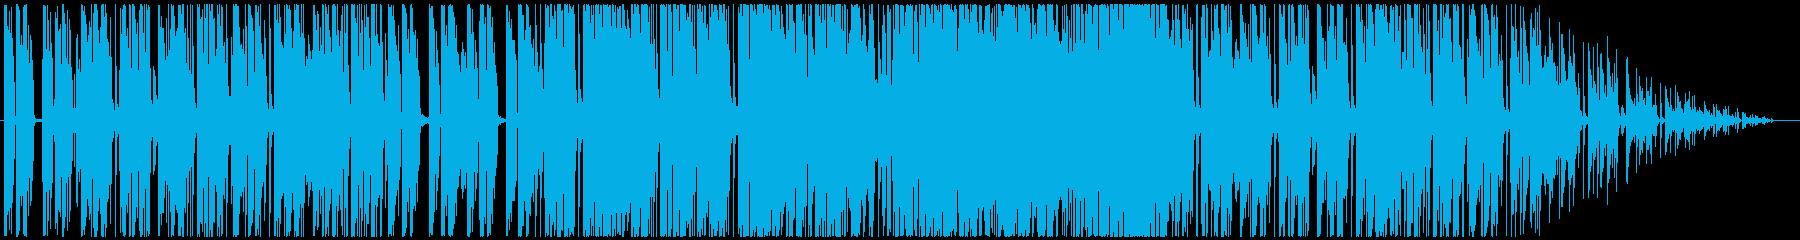 おしゃれなカフェフュージョンの再生済みの波形